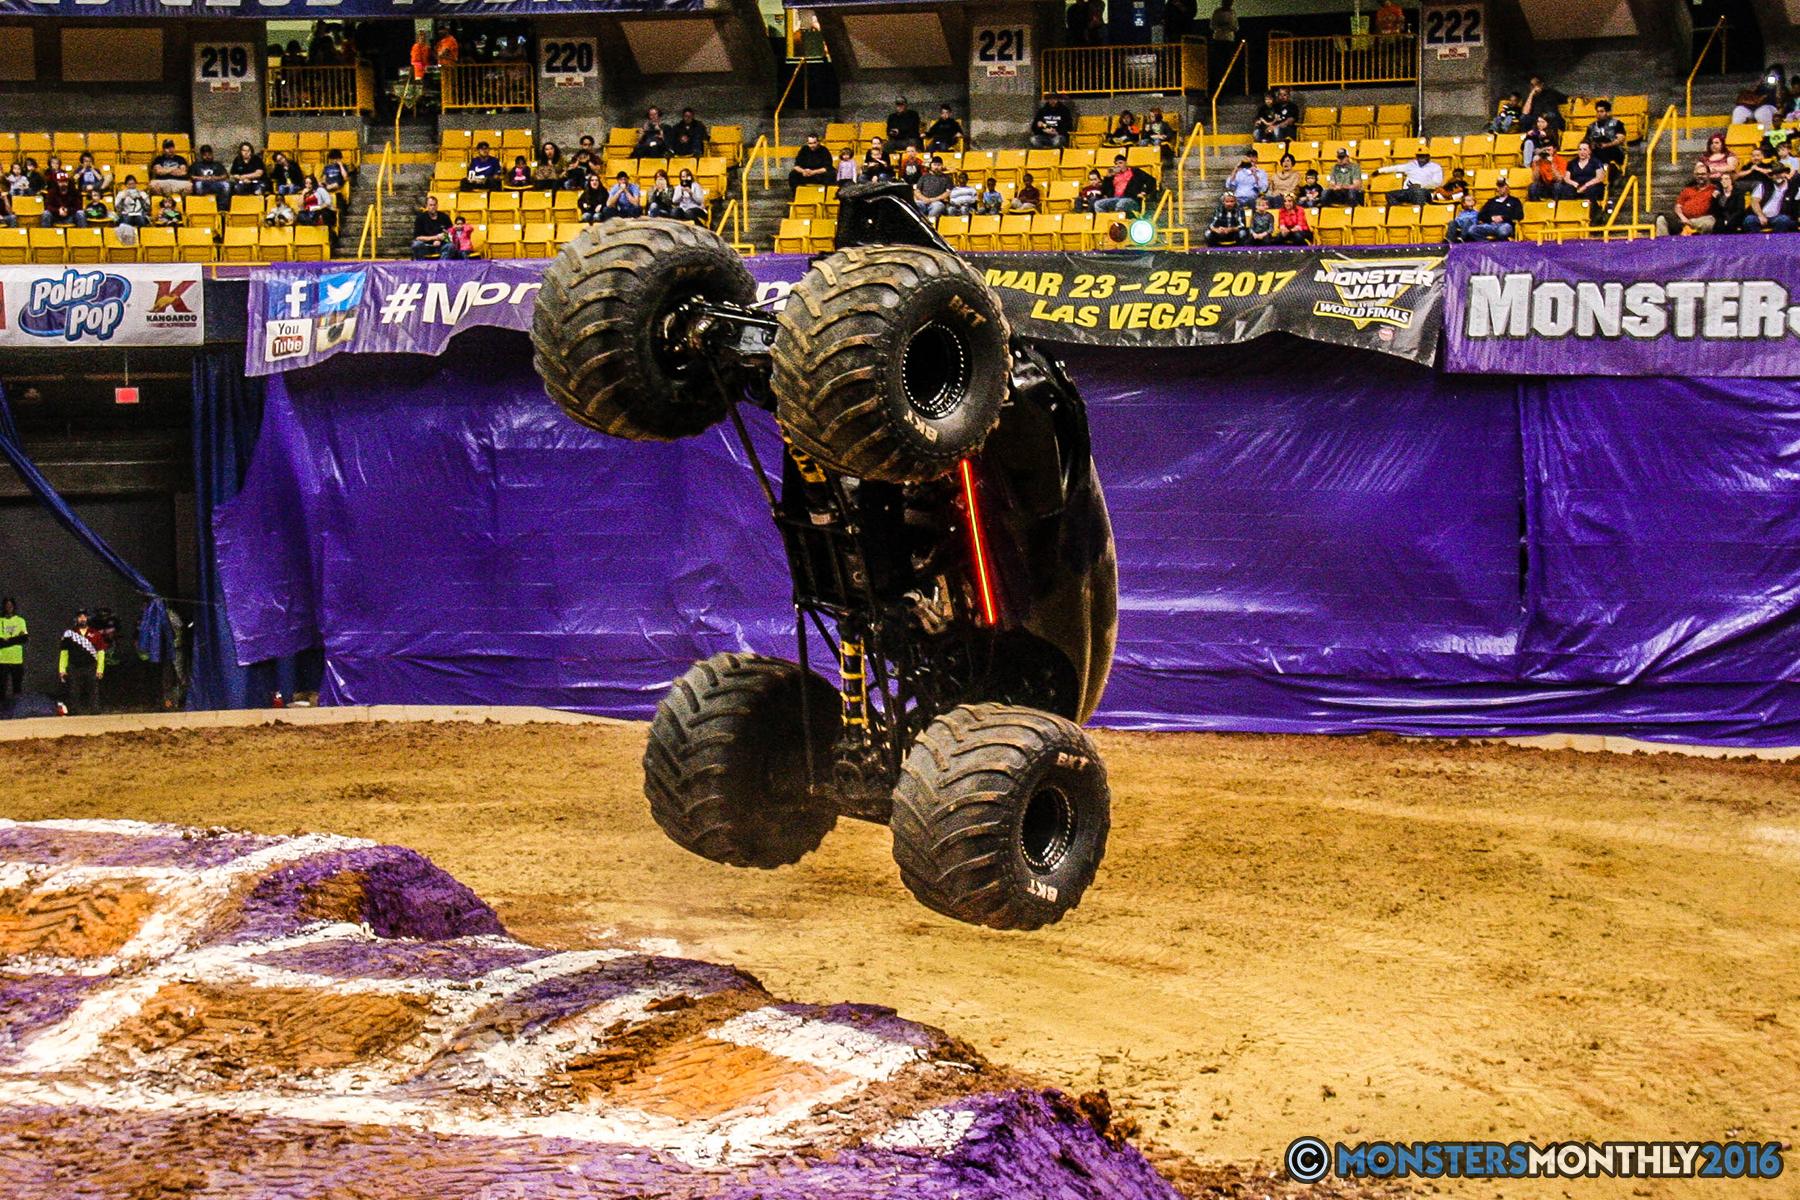 17-monster-jam-utc-mckenzie-arena-chattanooga-tennessee-monstersmonthly-monster-truck-race-gravedigger-monstermutt-xtermigator-razin-kane-doomsday-captainscurse-2016.jpg